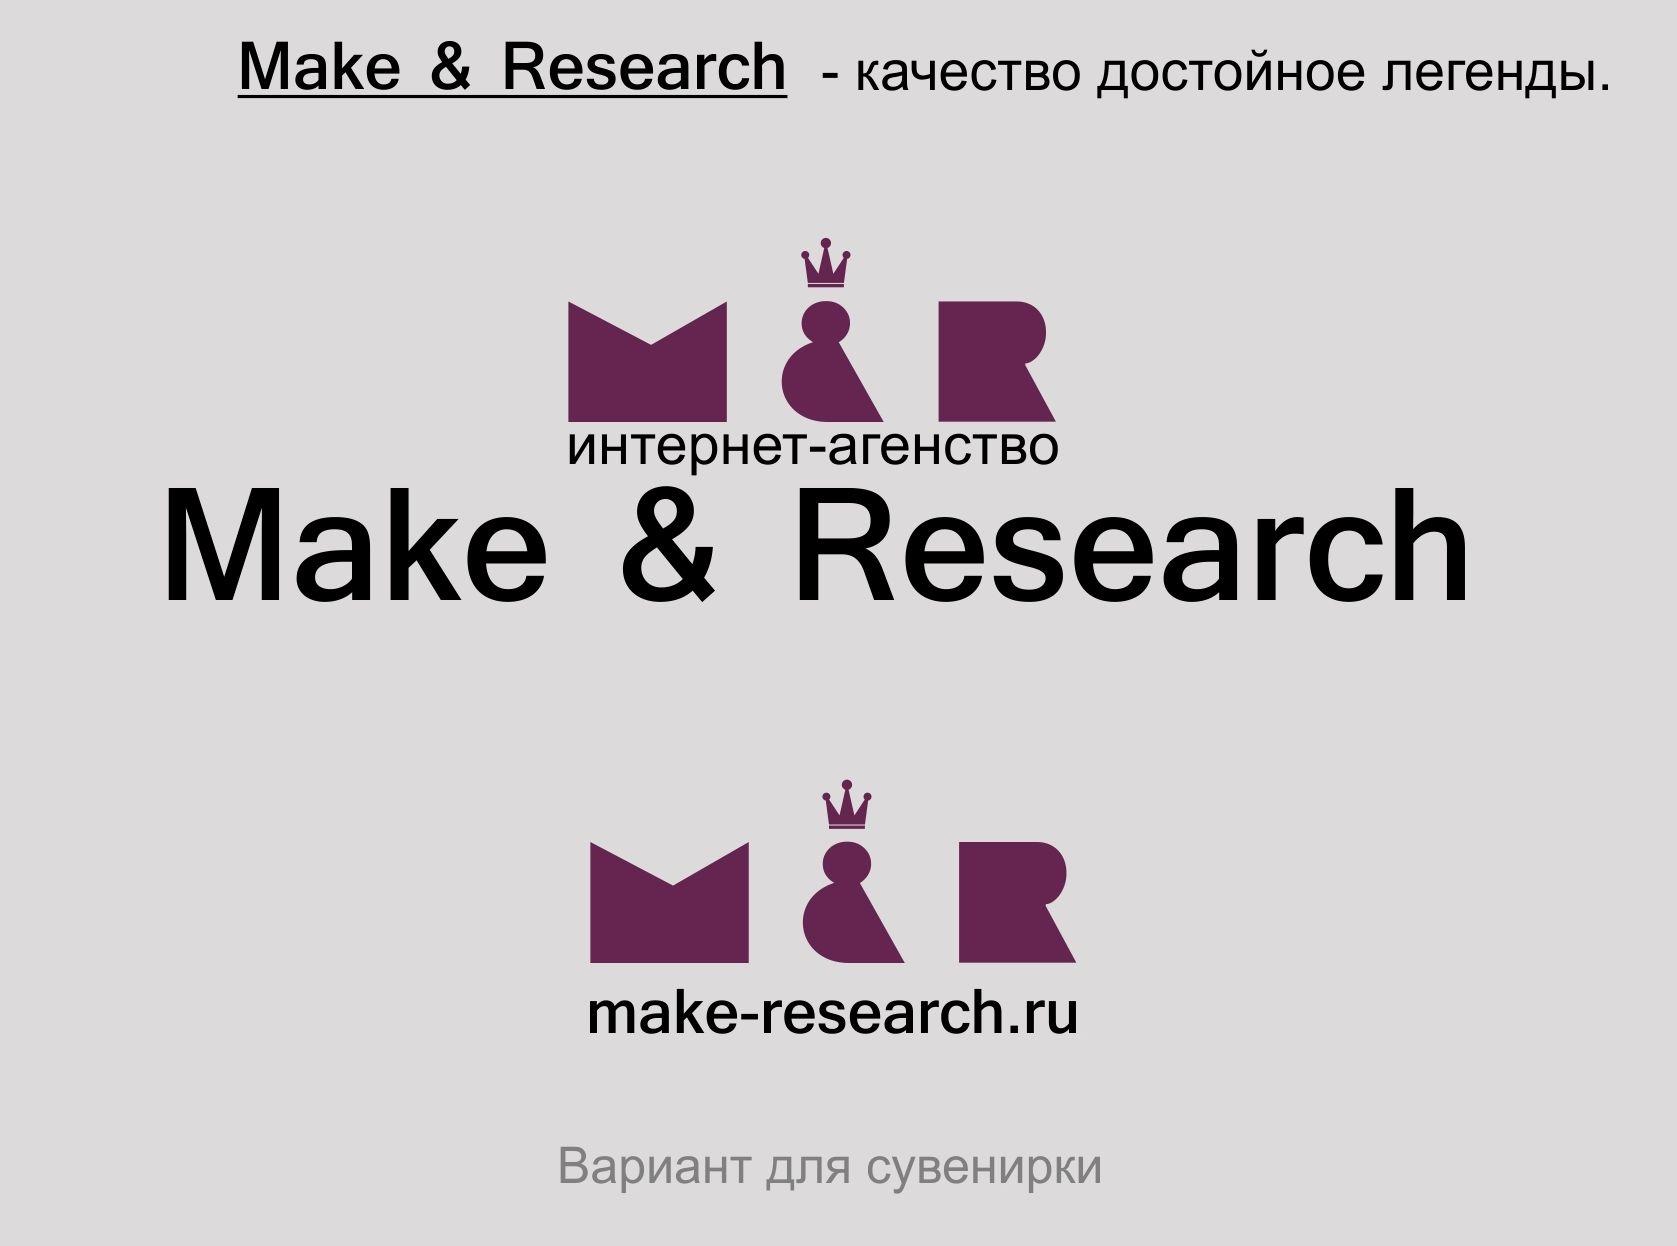 Разработка логотипа и фирменного стиля - дизайнер konstantin_kv